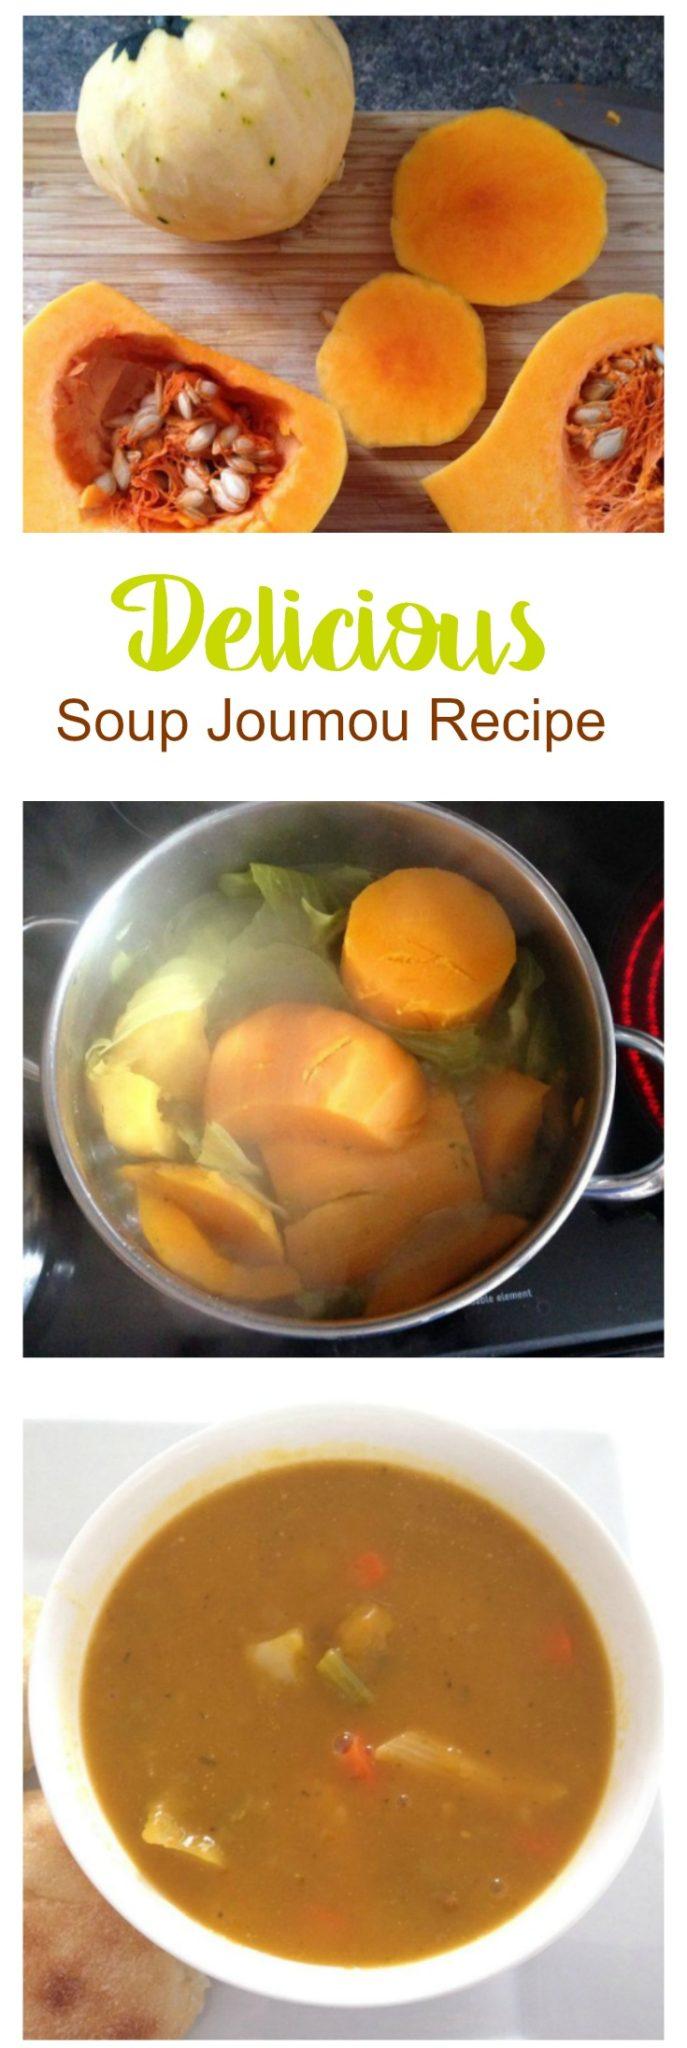 Delicious Soup Joumou Recipe